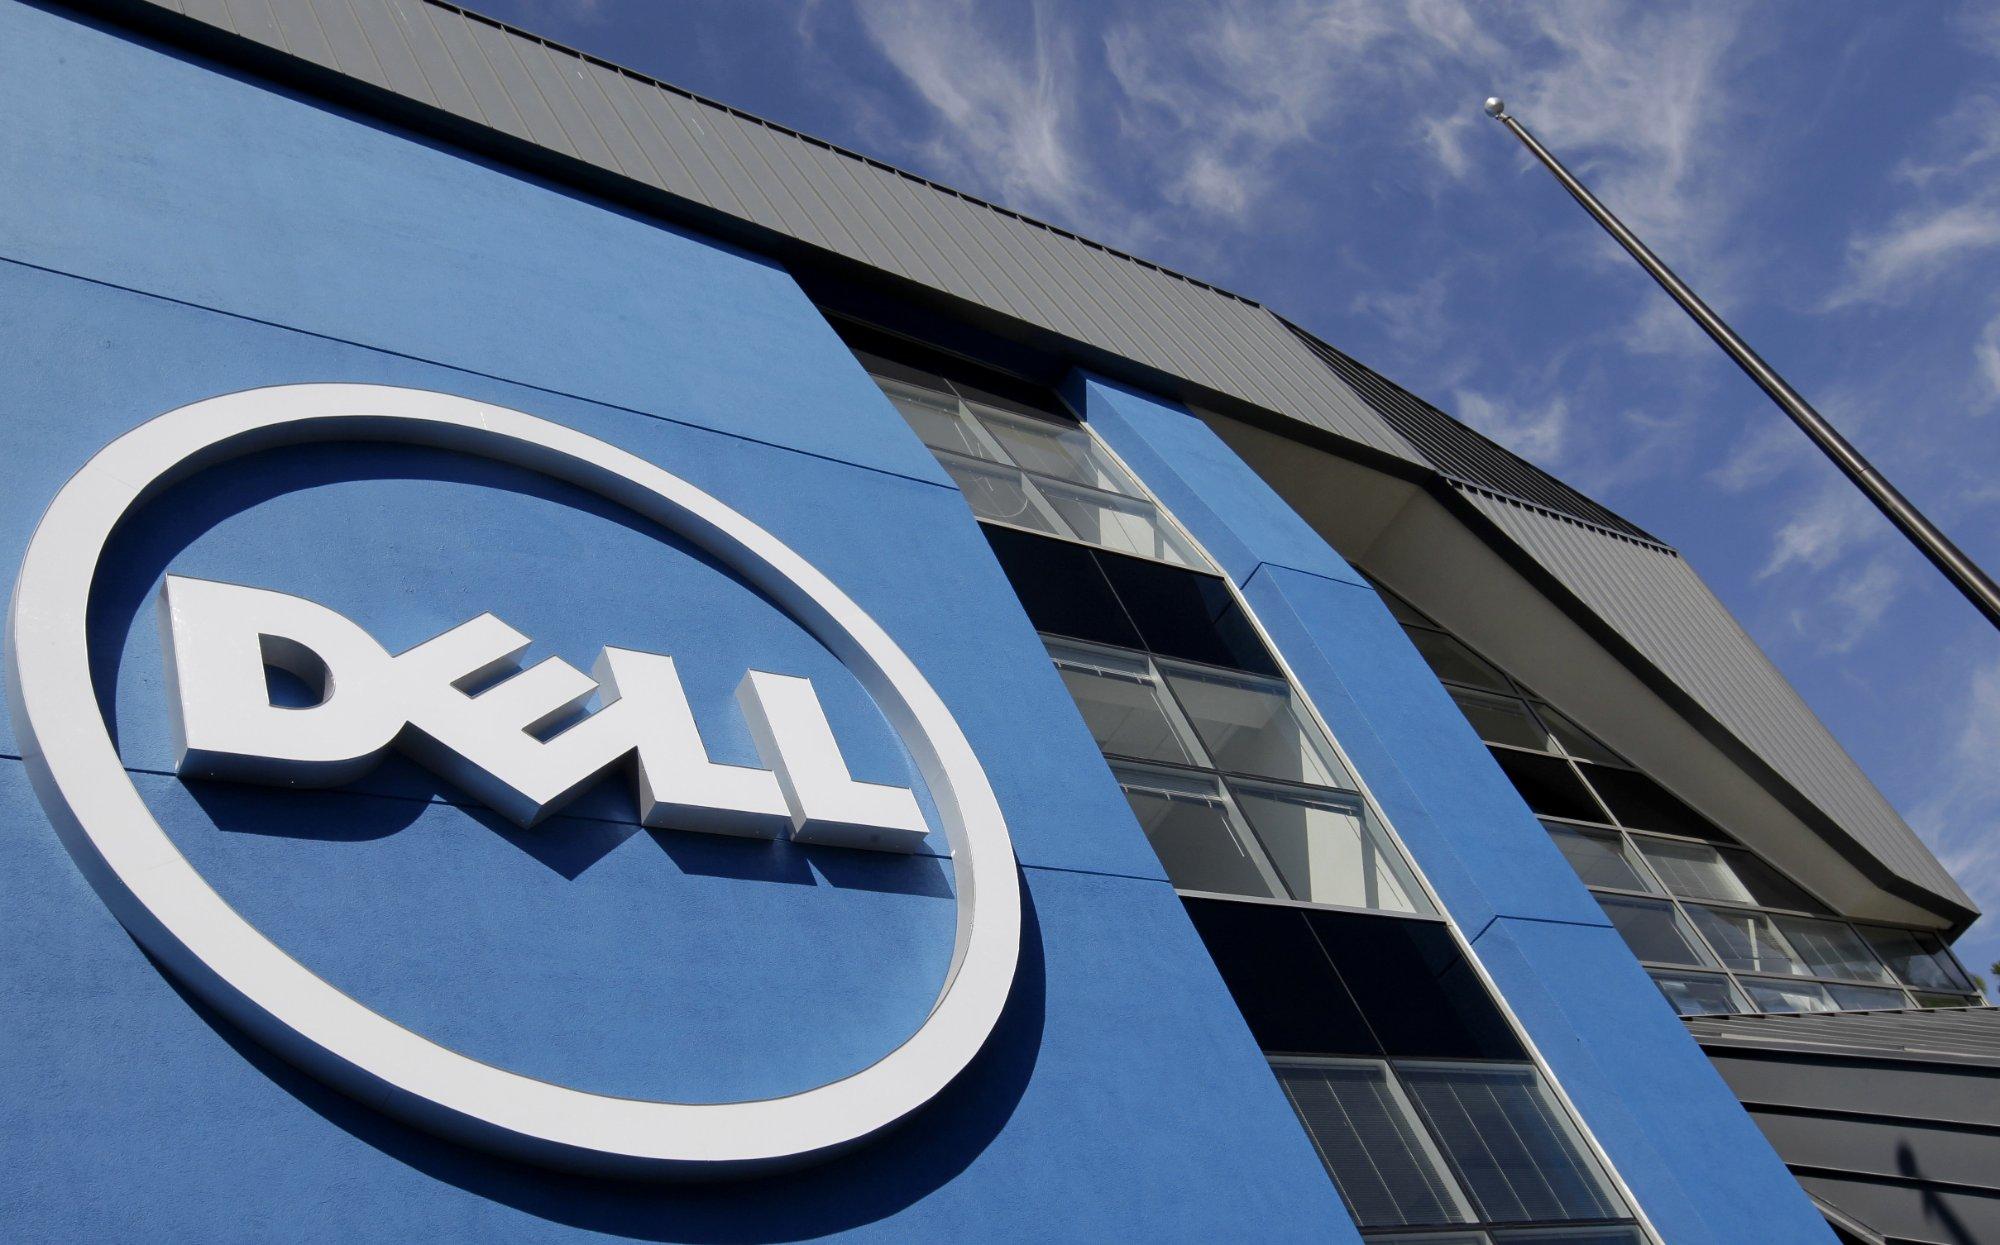 โซลูชั่นธุรกิจ-Dell